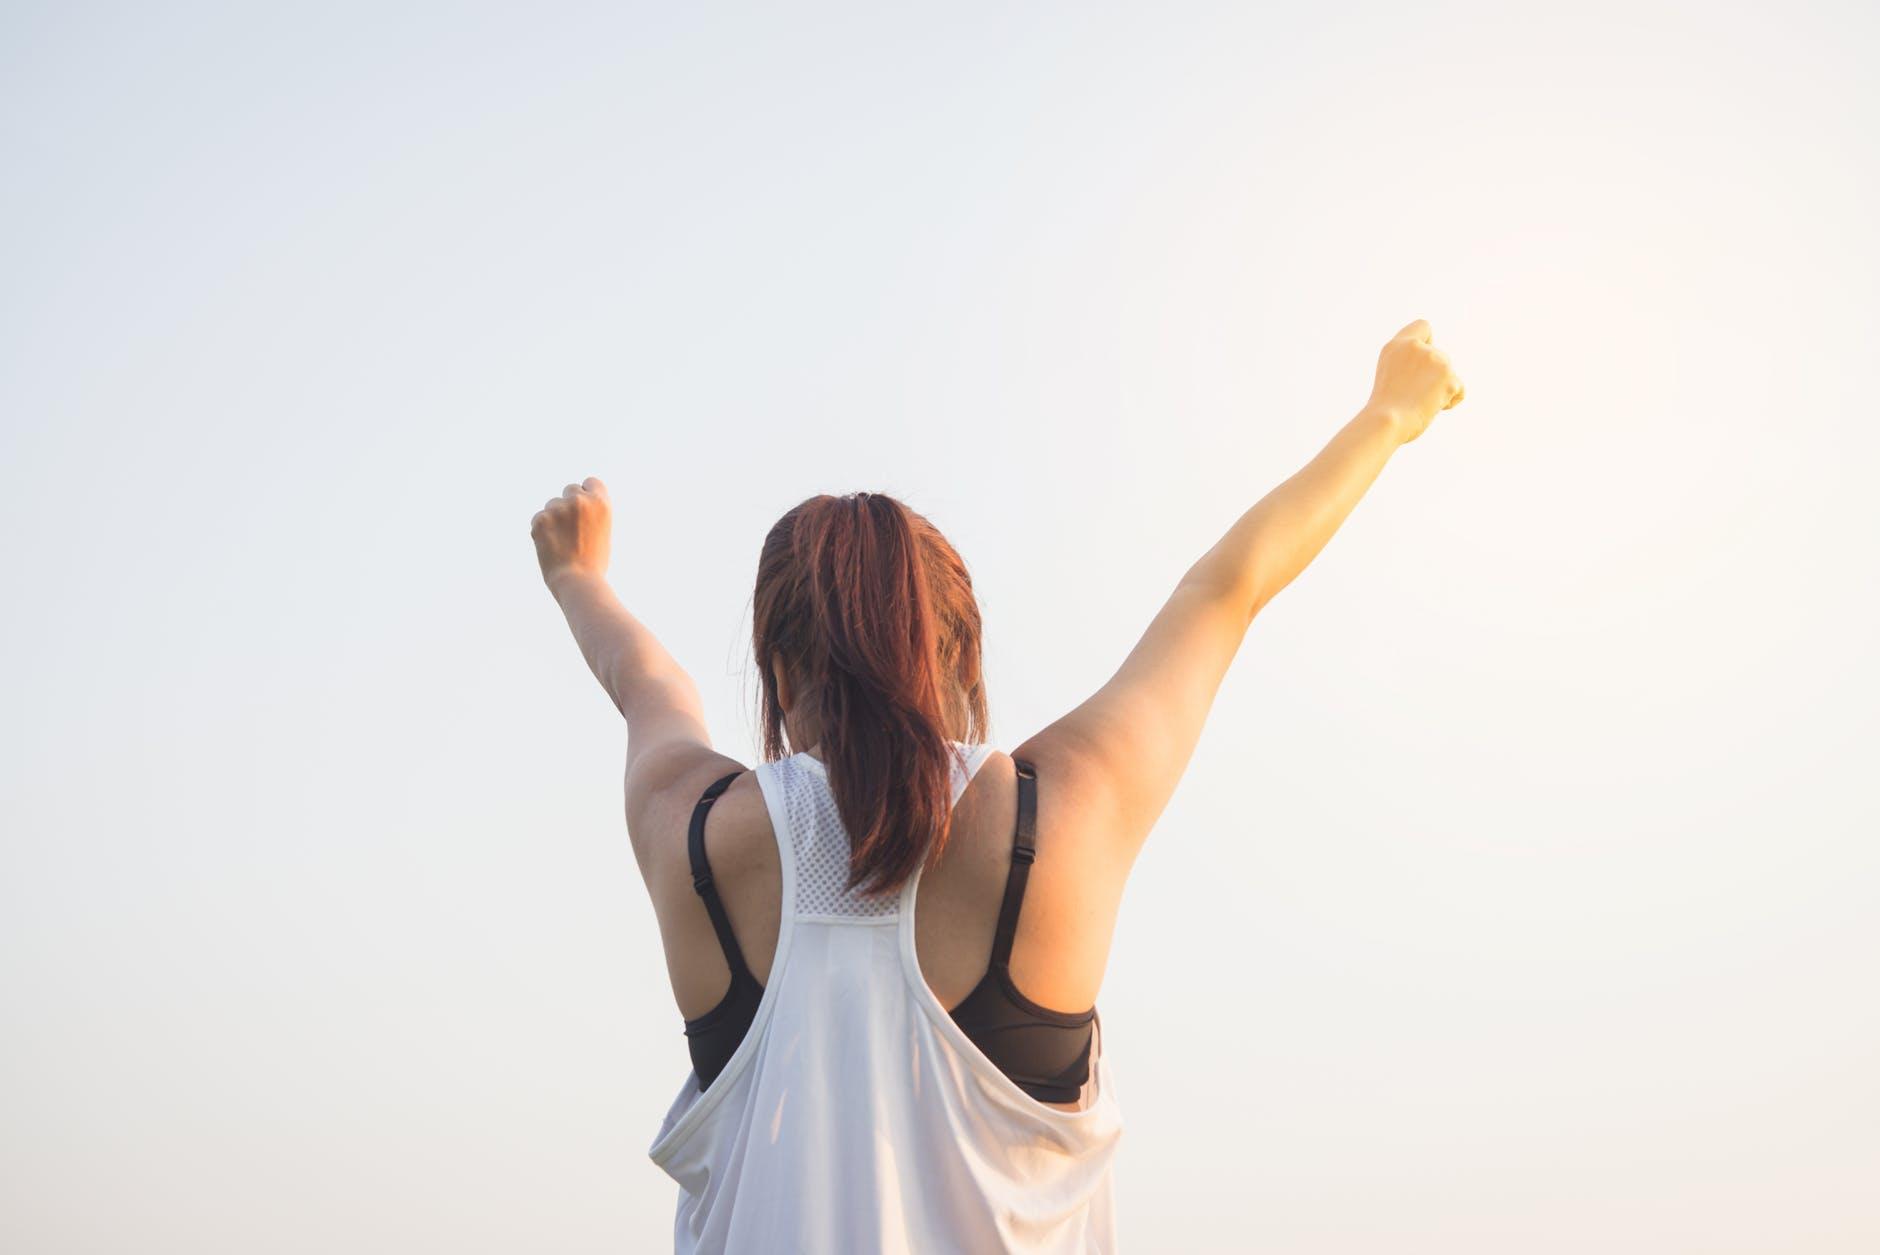 Le secret d'une auto-motivation illimitée réside dans l'auto-affirmation